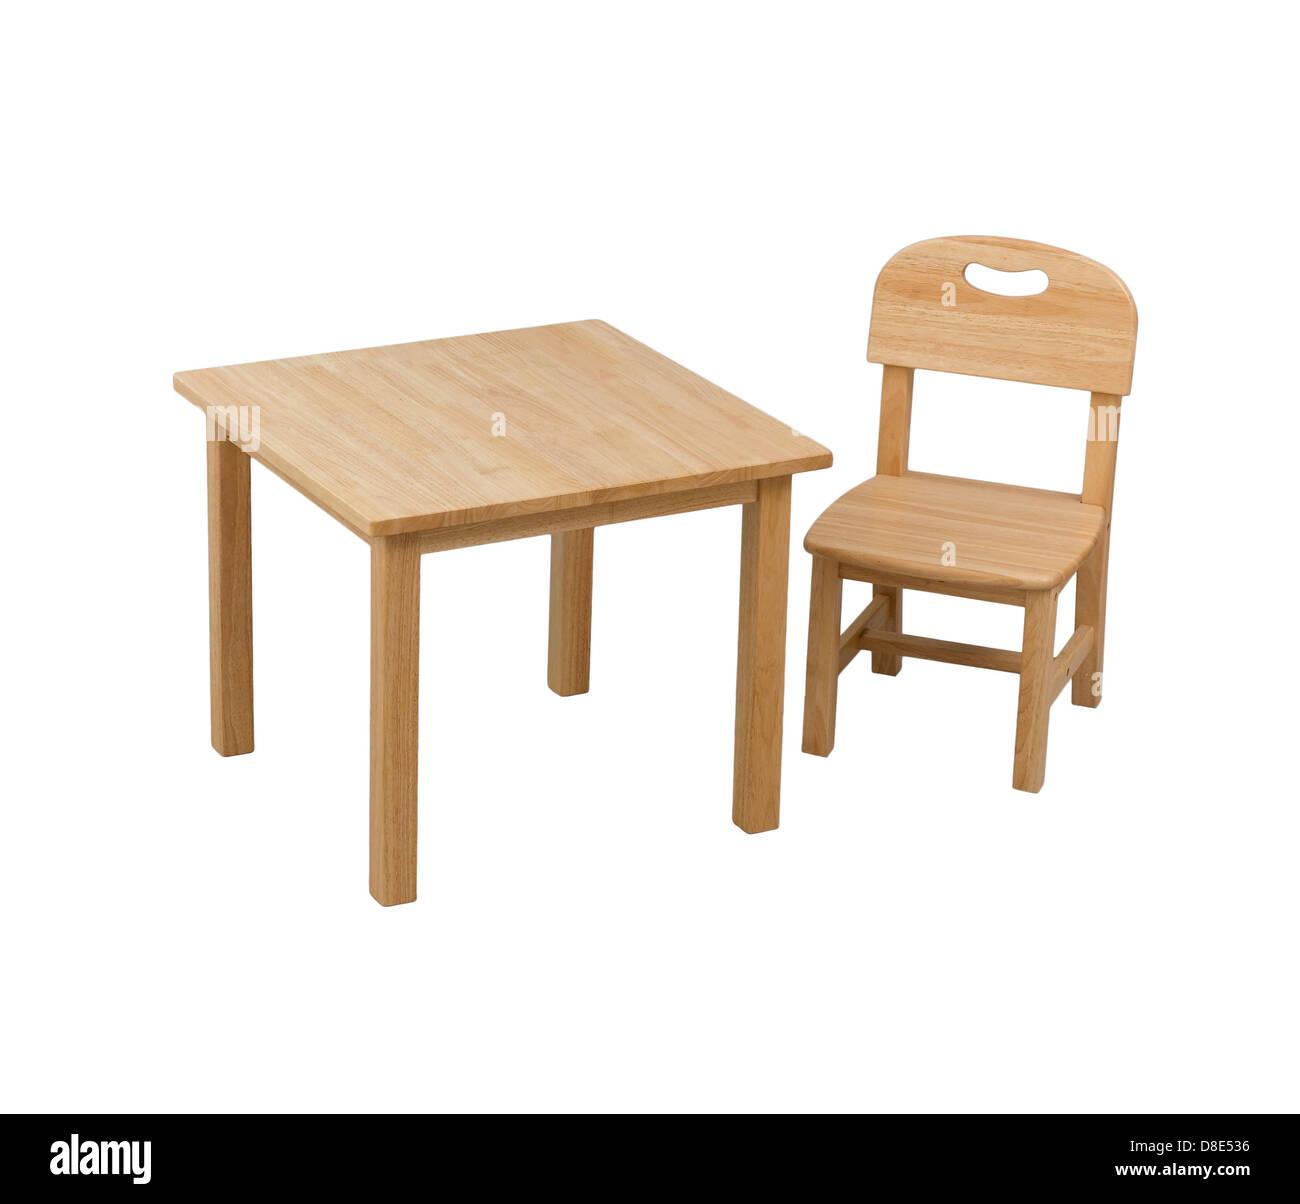 einen kleinen h lzernen stuhl und schreibtisch f r kinder stockfoto bild 56859690 alamy. Black Bedroom Furniture Sets. Home Design Ideas